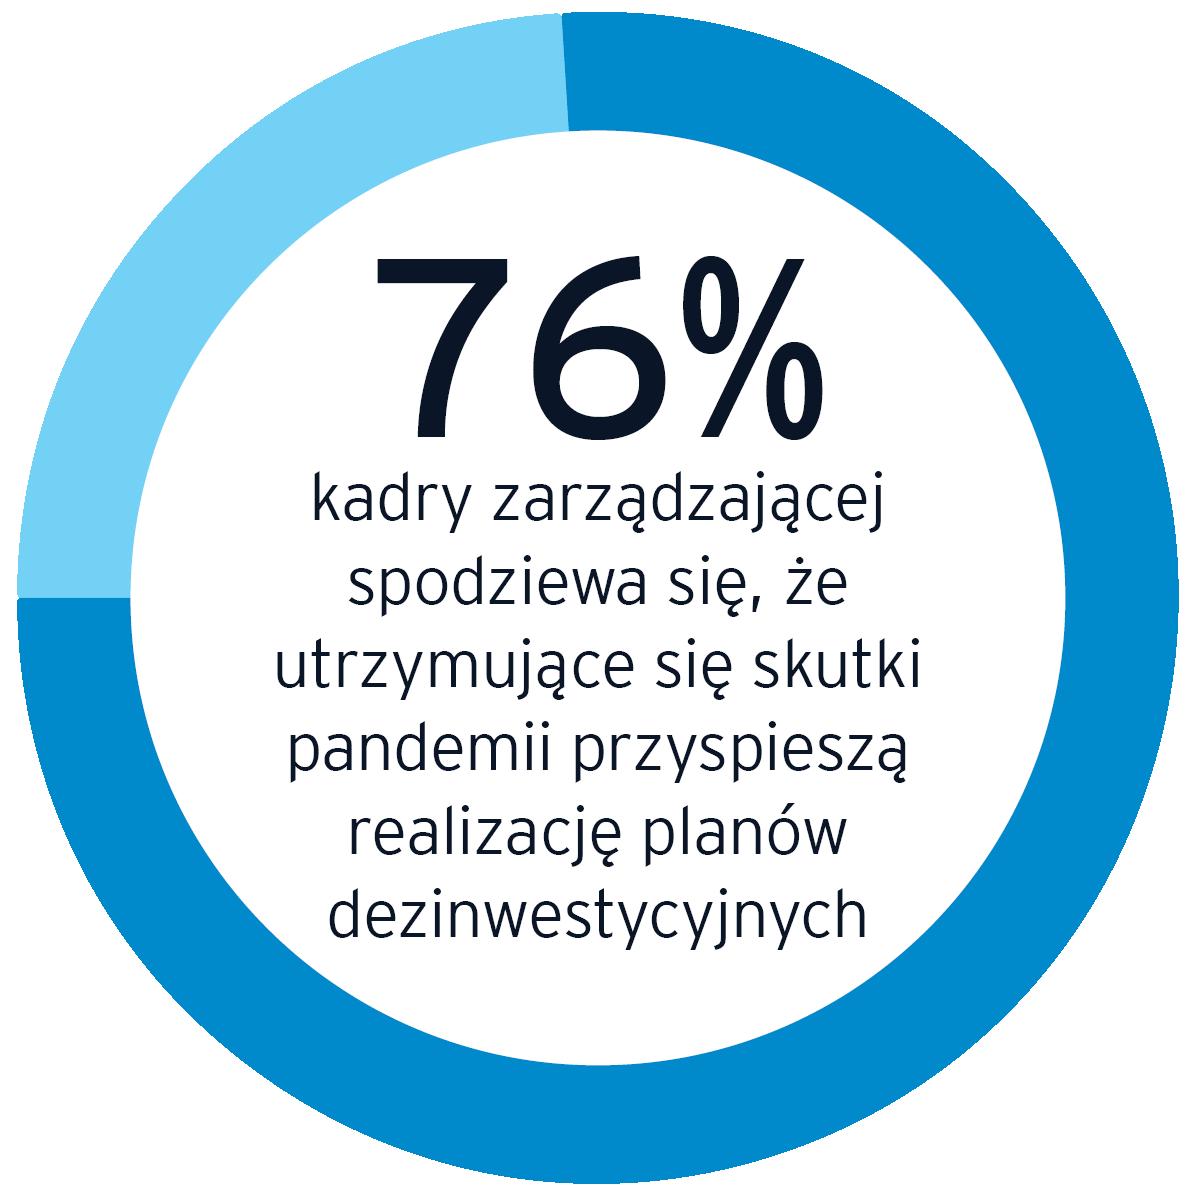 76% kadry zarządzającej spodziewa się,